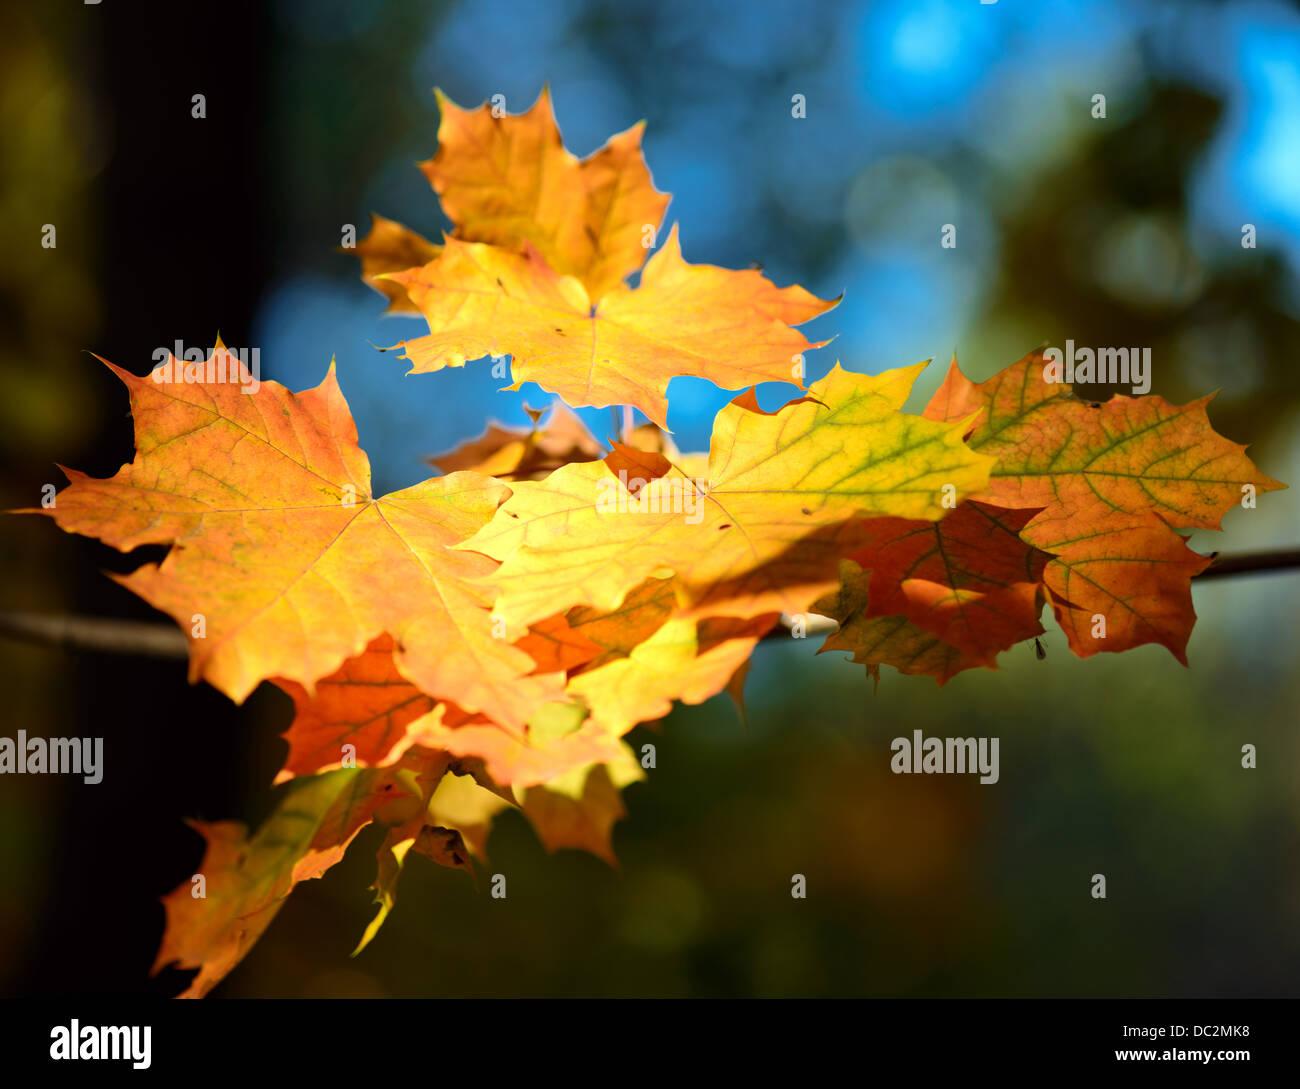 Rot und gelb fallen Ahornblätter auf Ast Stockbild